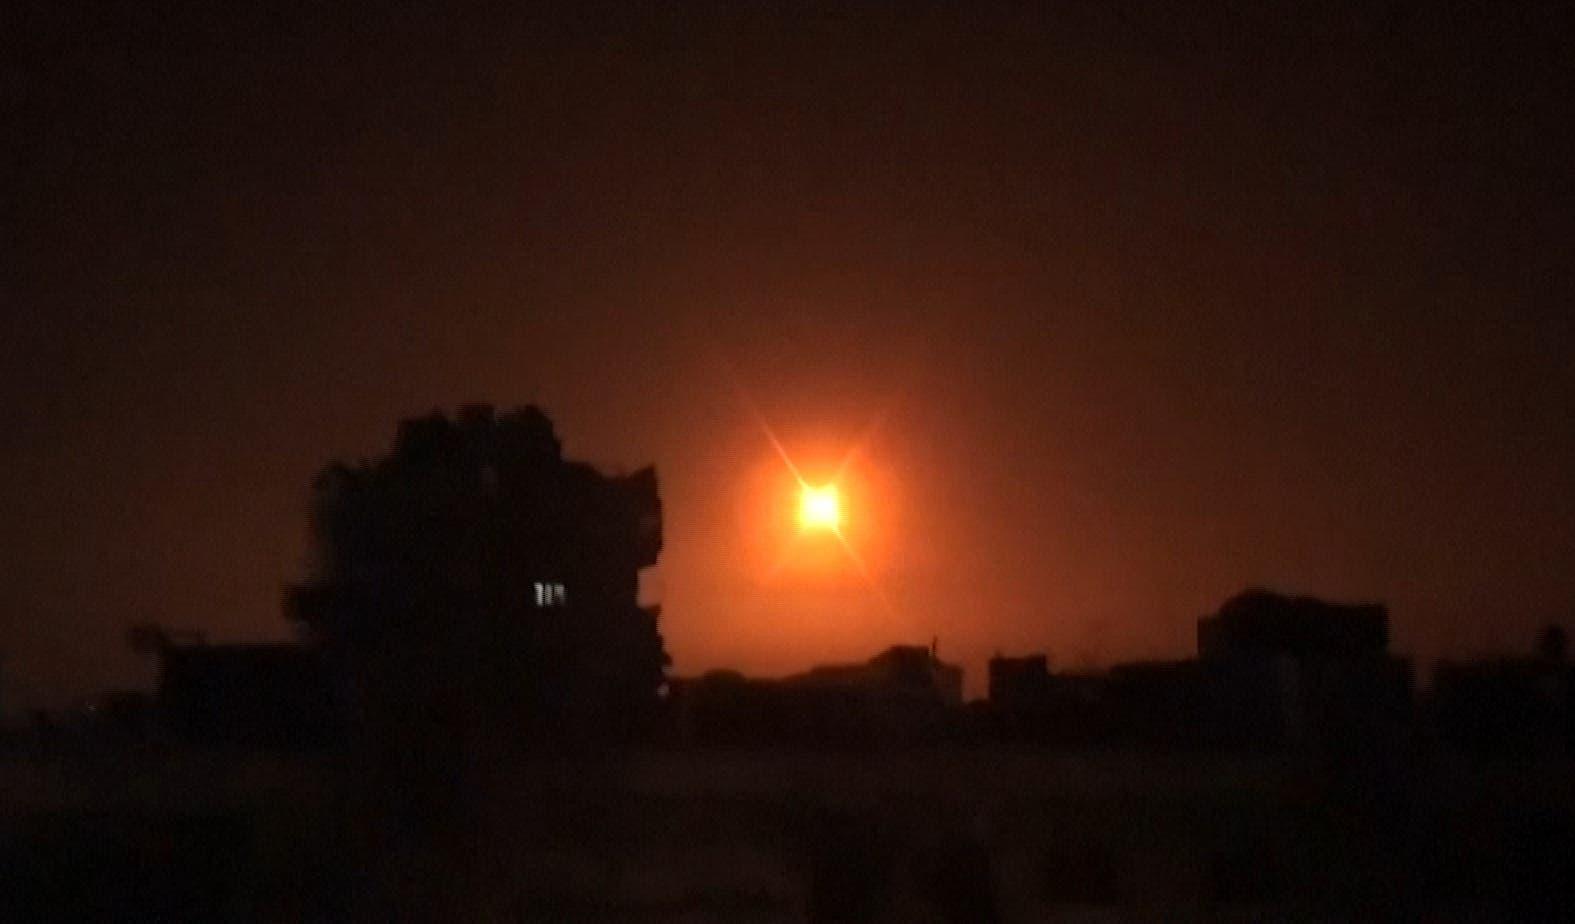 حمله اسرائیل به مواضع ایران در سوریه در فوریه سال 2020